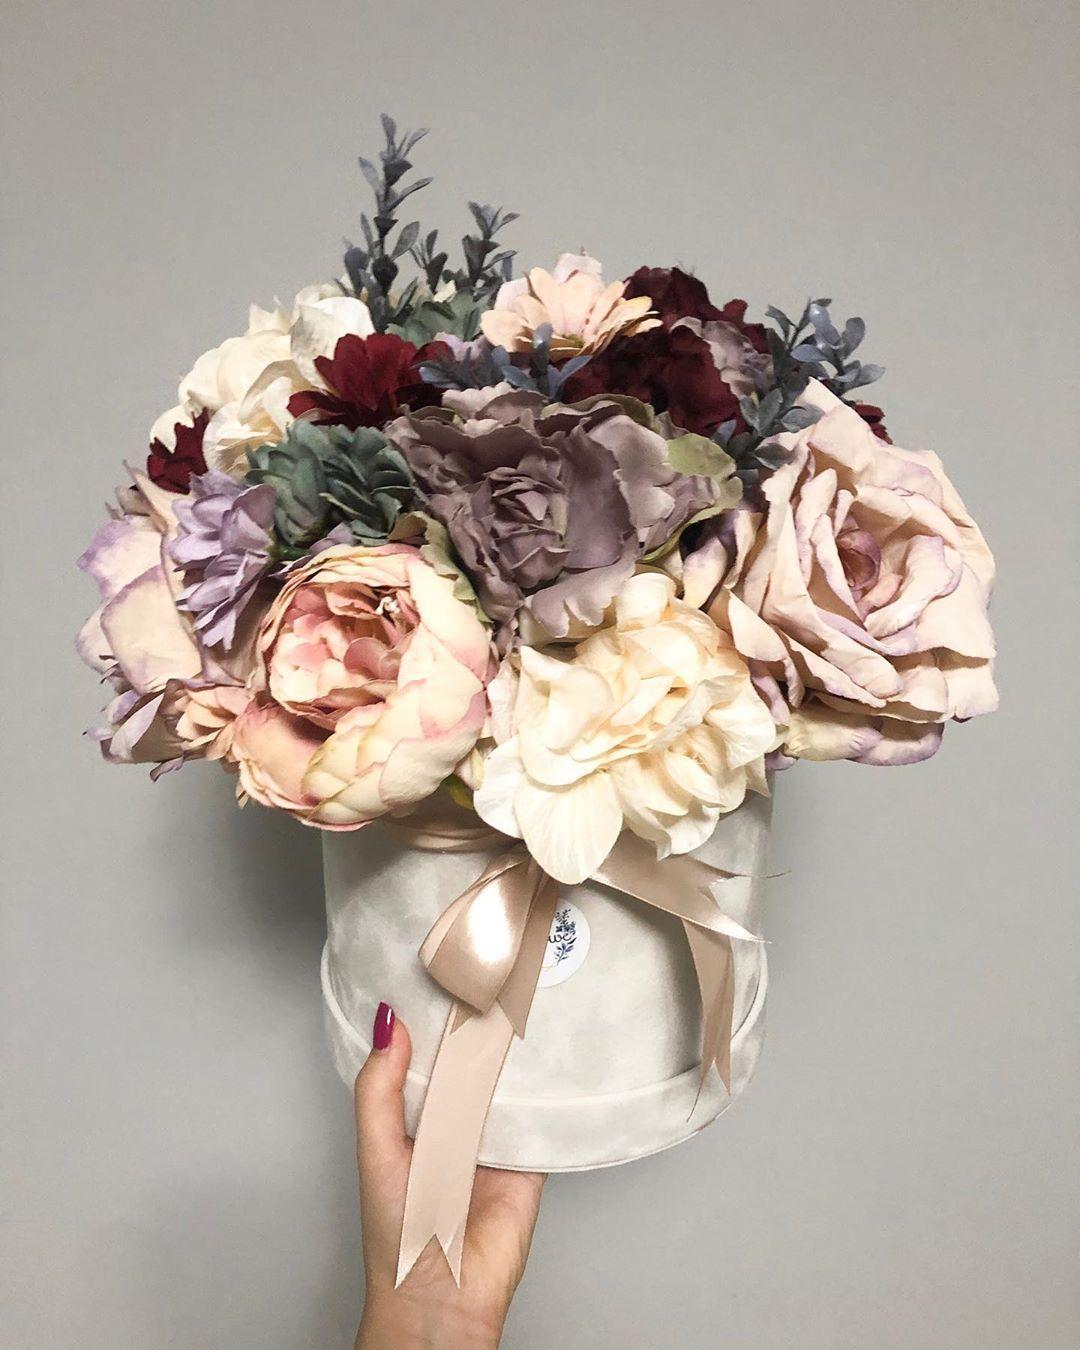 Podziekowania Dla Rodzicow Duzy Welurowy Box Kwiaty Sztuczne Flowerbox Artificalflower Flowers Homedecor Gift Giftidea Fa Floral Wreath Floral Wreaths